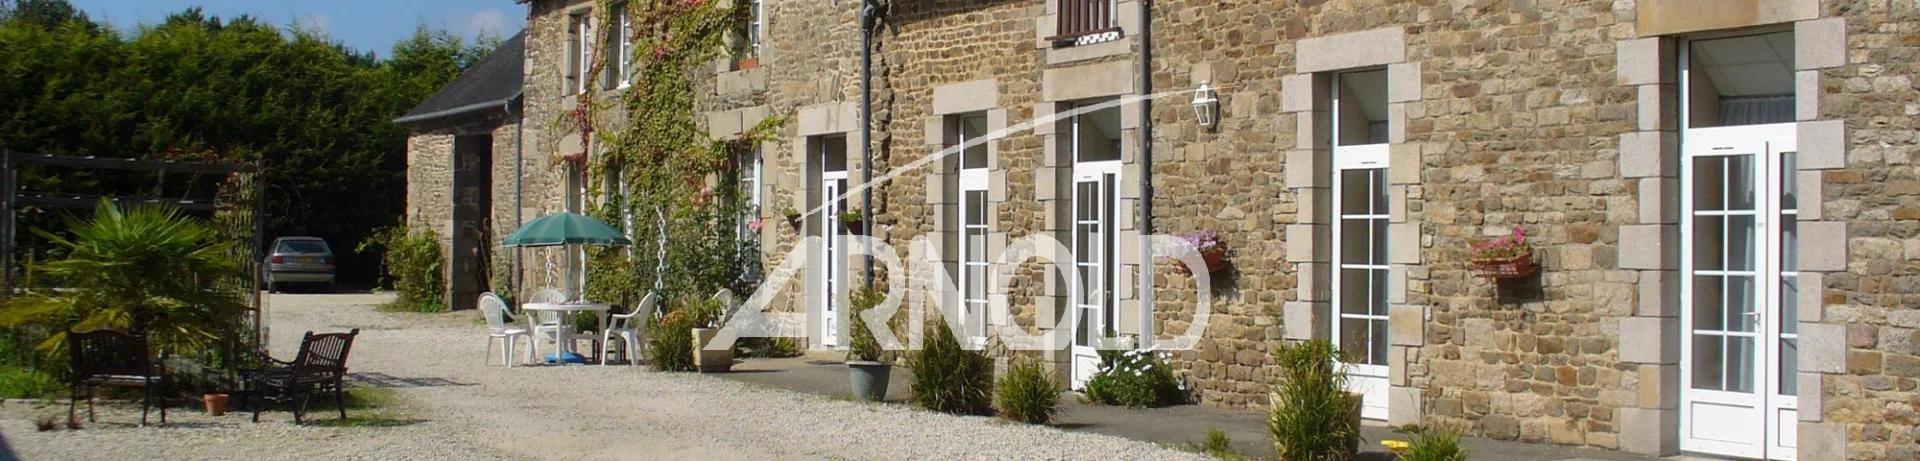 Longère Motel  au style typiquement breton proche de Dinan à 20 mn des plages.